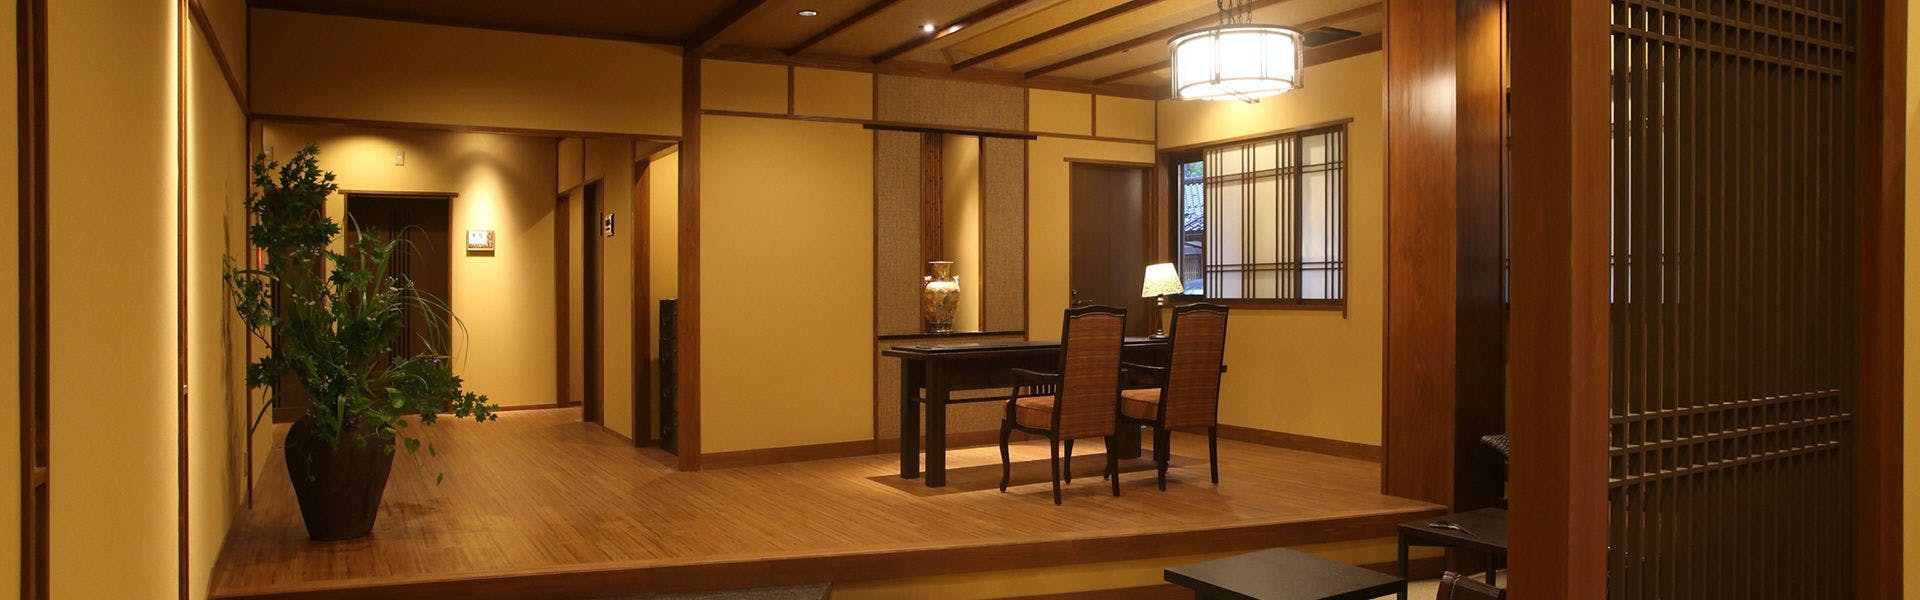 記念日におすすめのホテル・金沢湯涌温泉 古香里庵の写真2